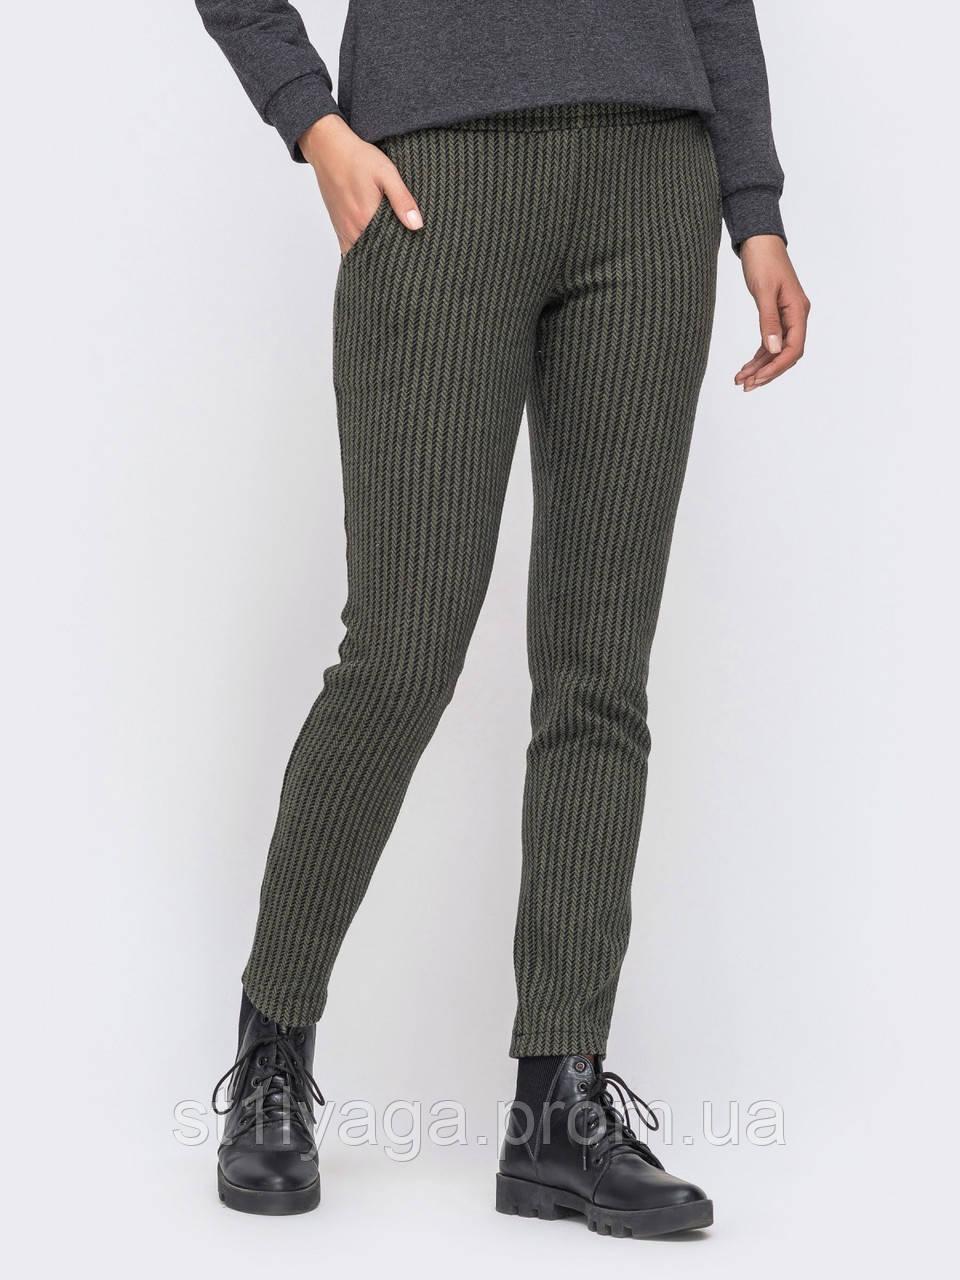 Теплые брюки из плотного жаккарда с удобными карманами по бокам